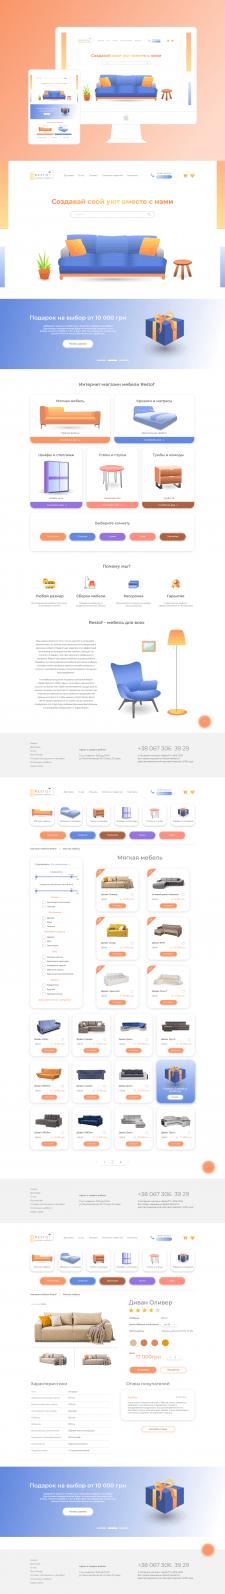 Отрисовка сайта, графический дизайн для сайта